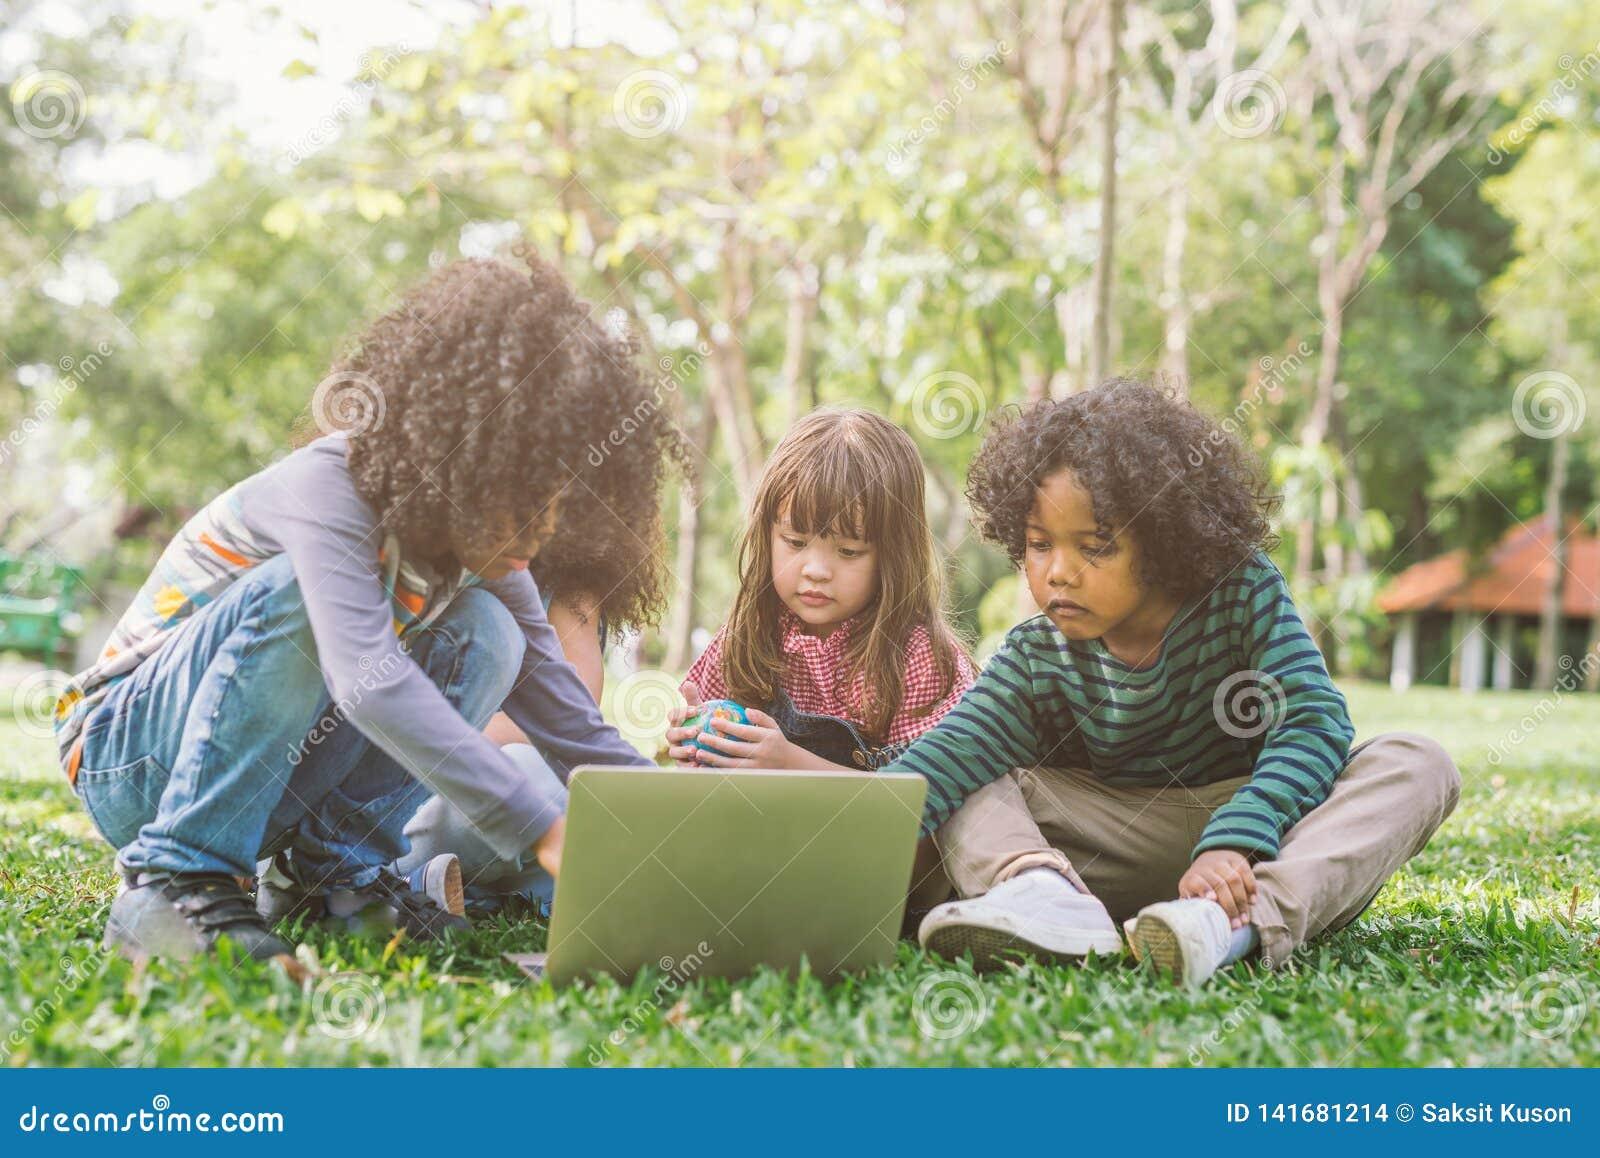 Grupo de miúdos com portátil crianças felizes na natureza com grupo de amigo